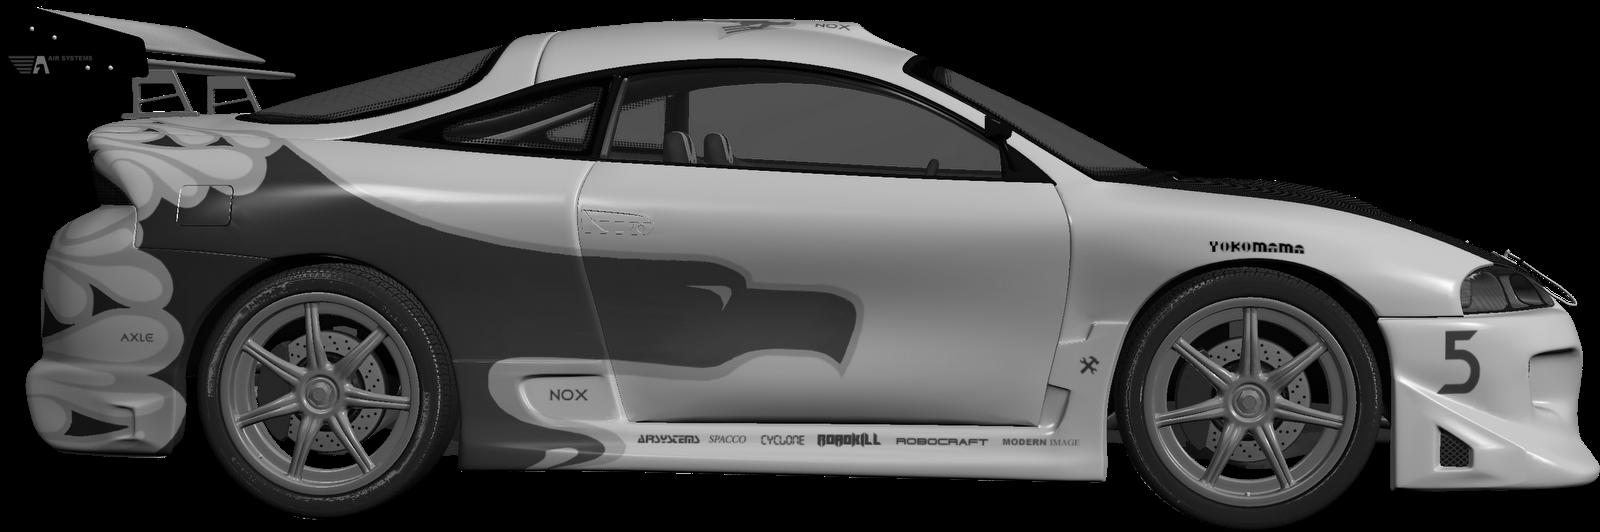 Nascar clipart race car. Clipartblack com transportation free